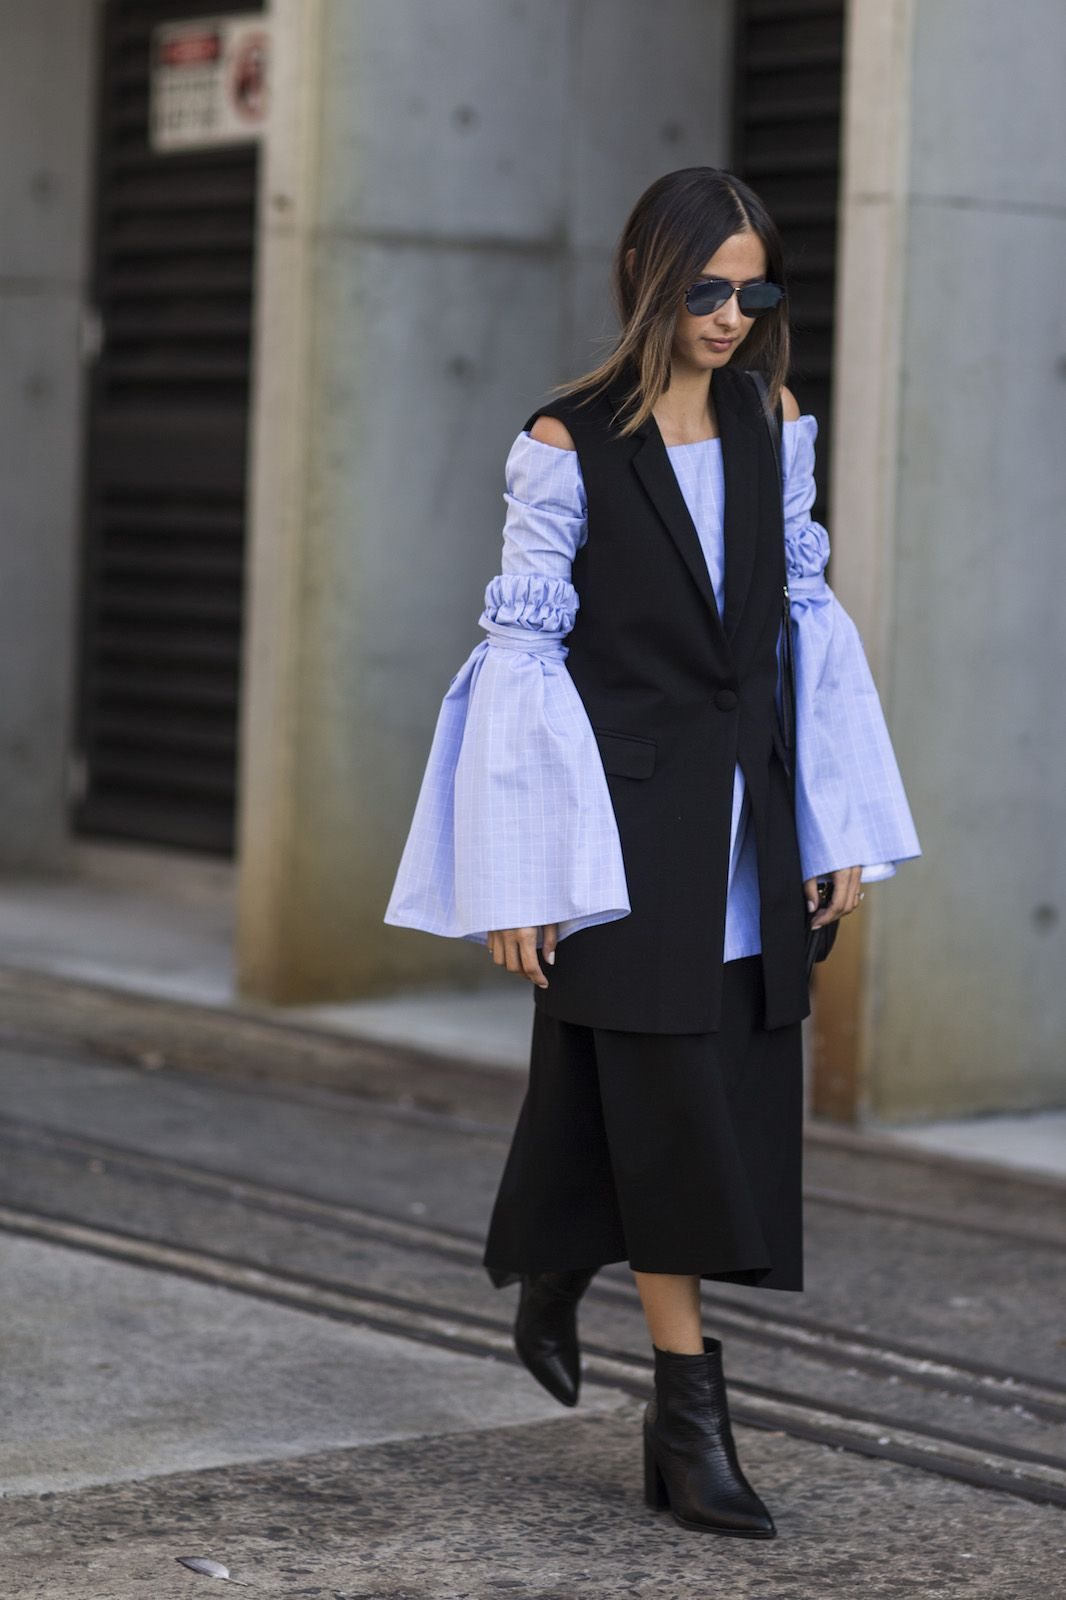 """""""Mùa Đông không lạnh"""" với 5 kiểu áo đẹp và đa phong cách - Thời trang"""